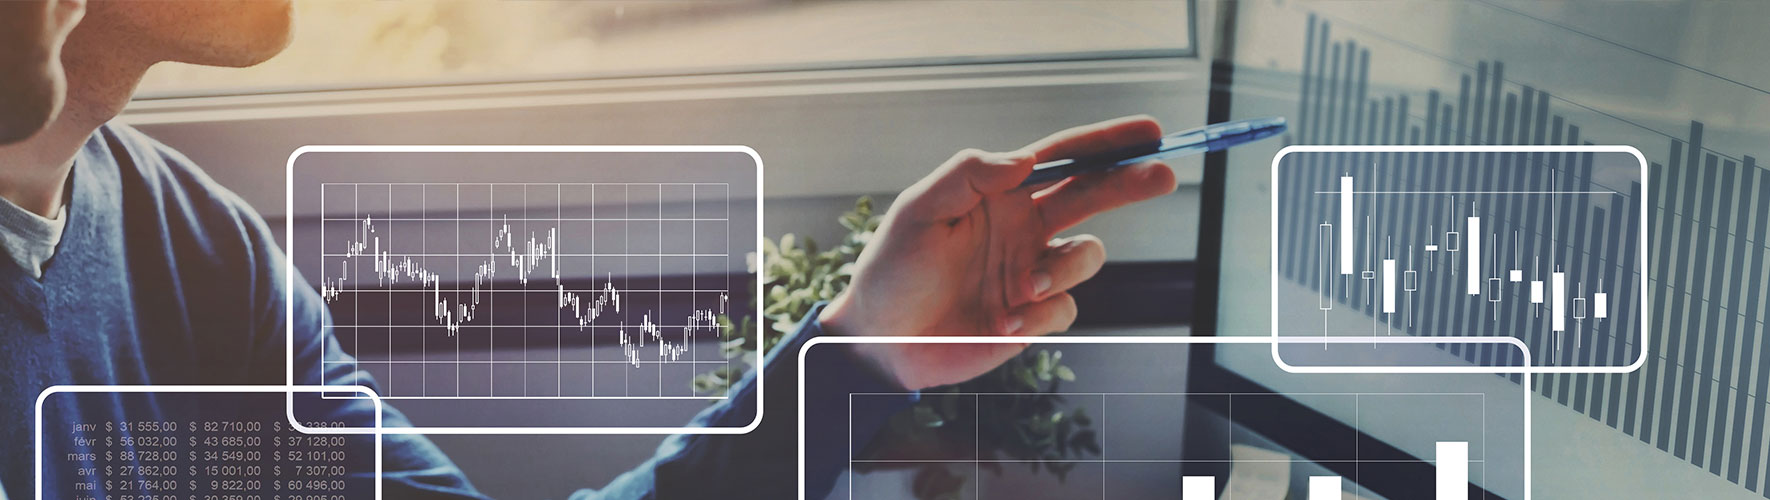 Data Analytics verändert die Datenwelt: News